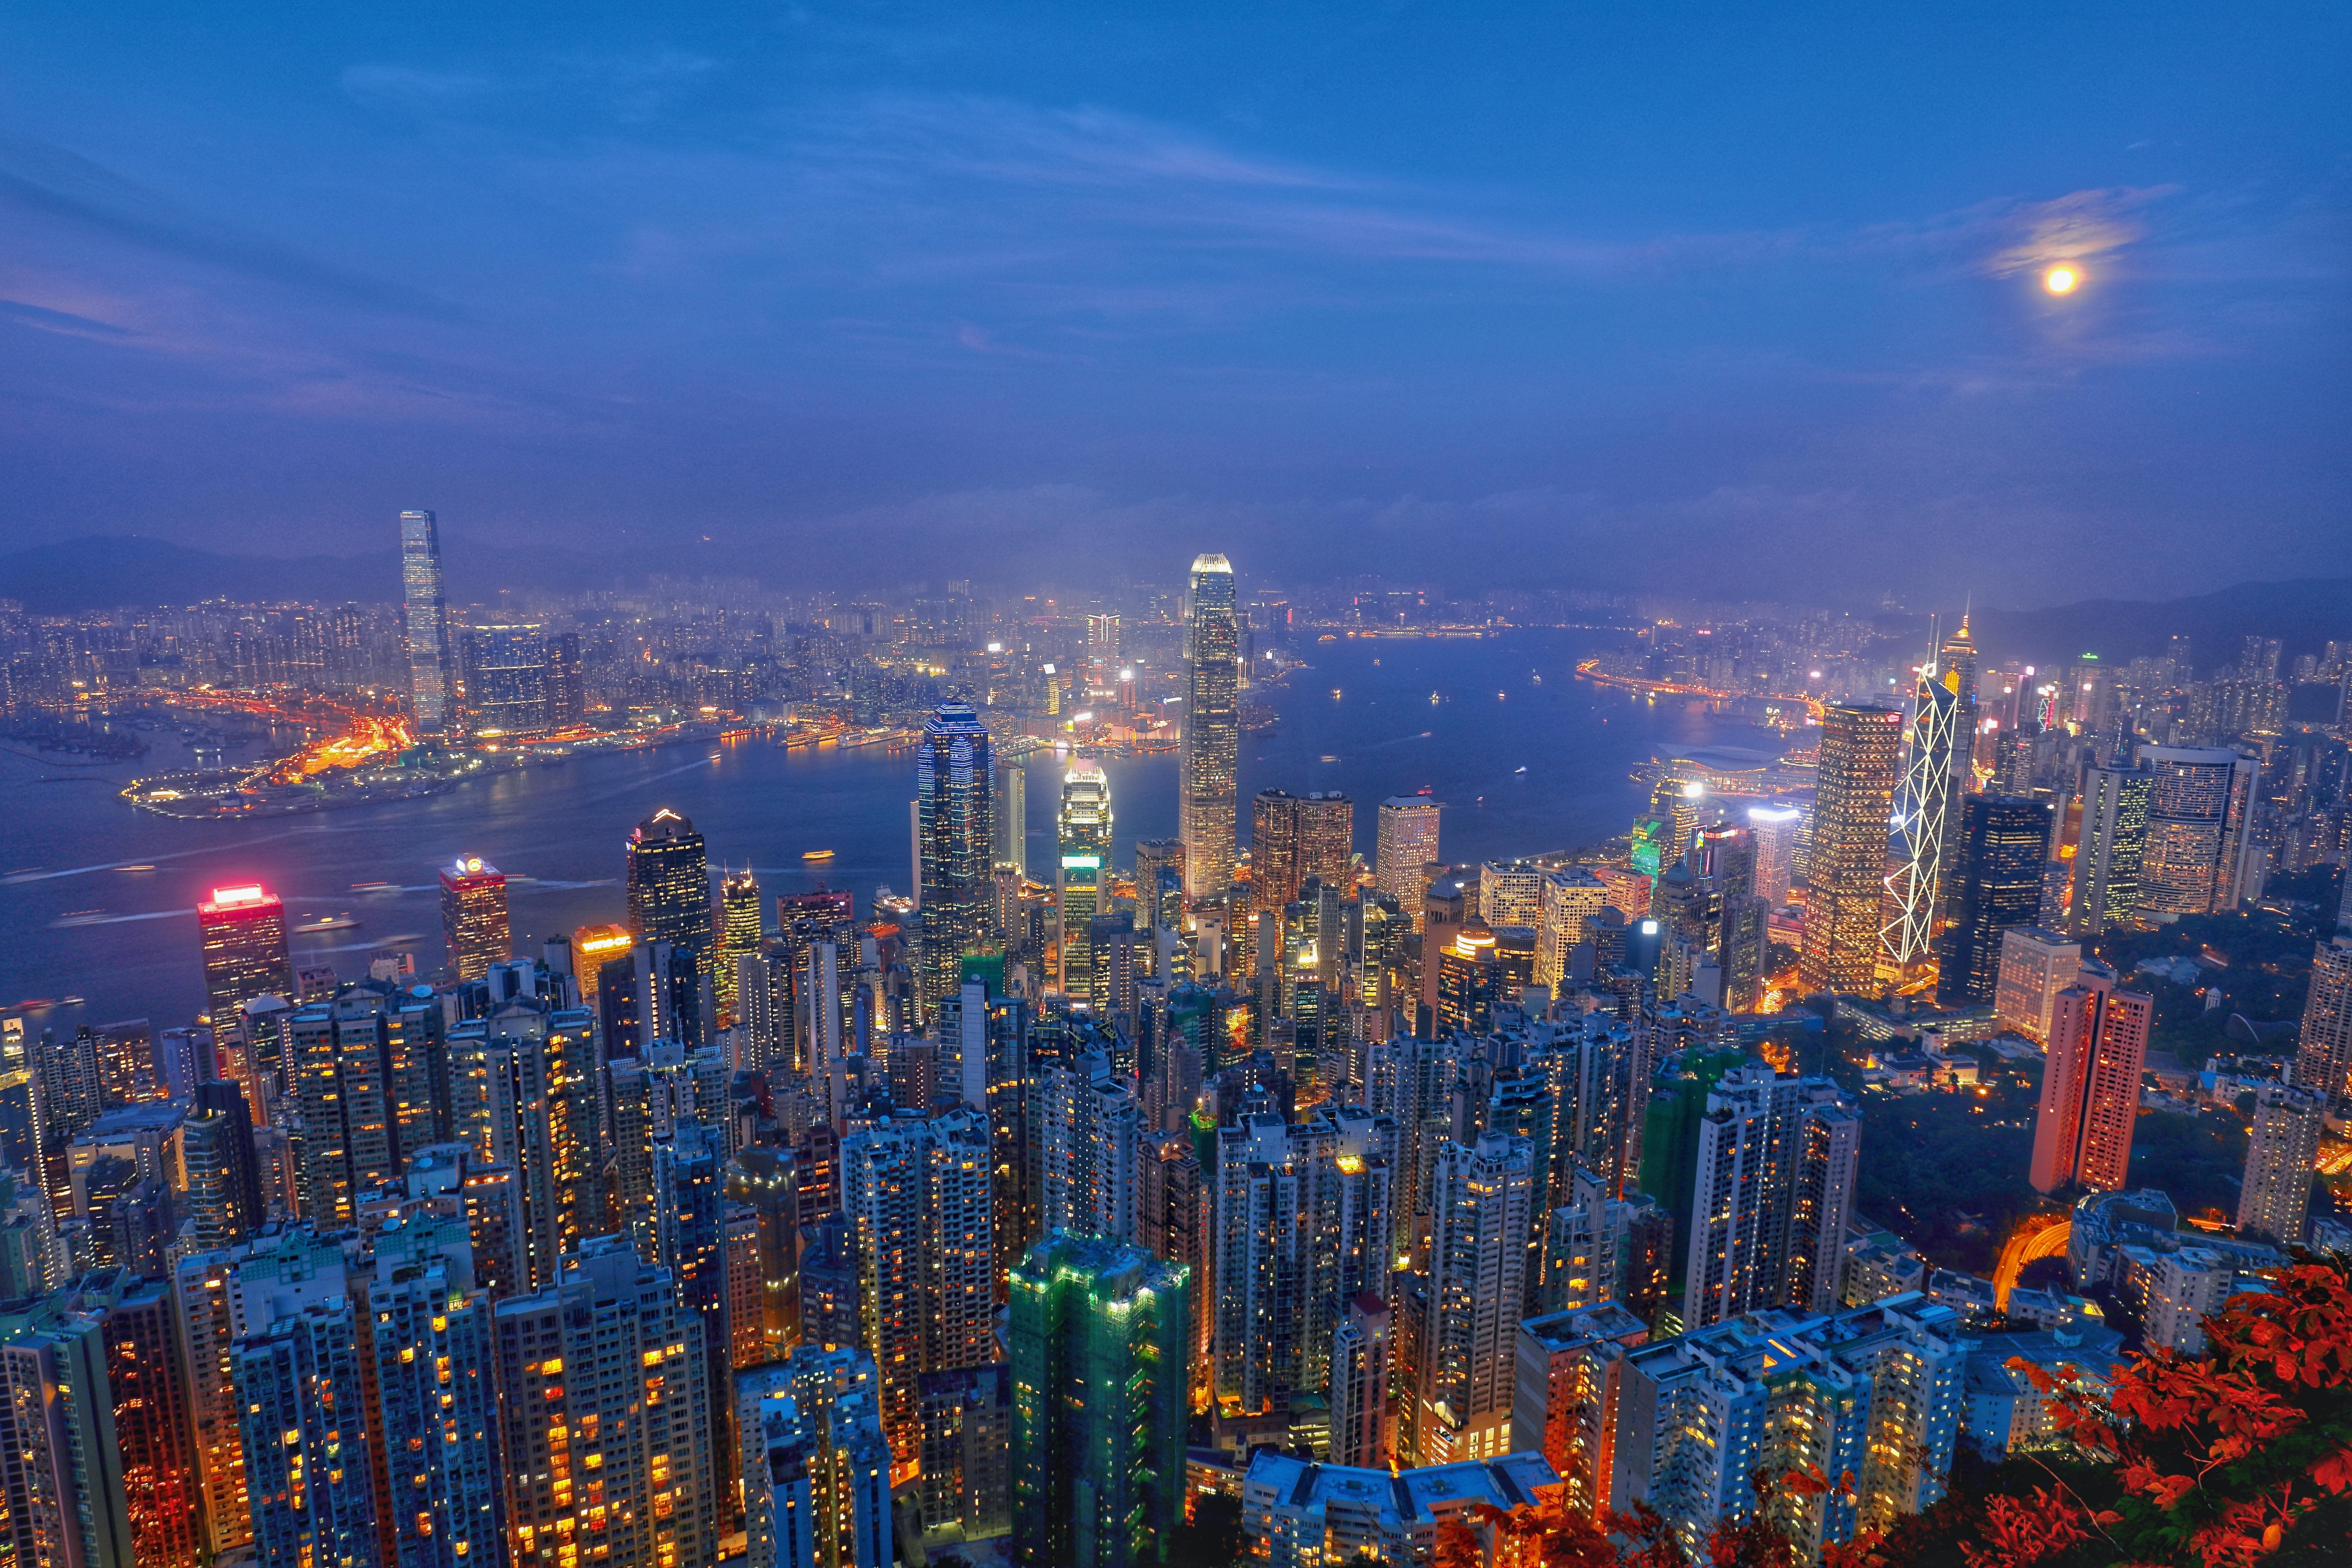 뤼가르드 로드에서 본 홍콩의 야경